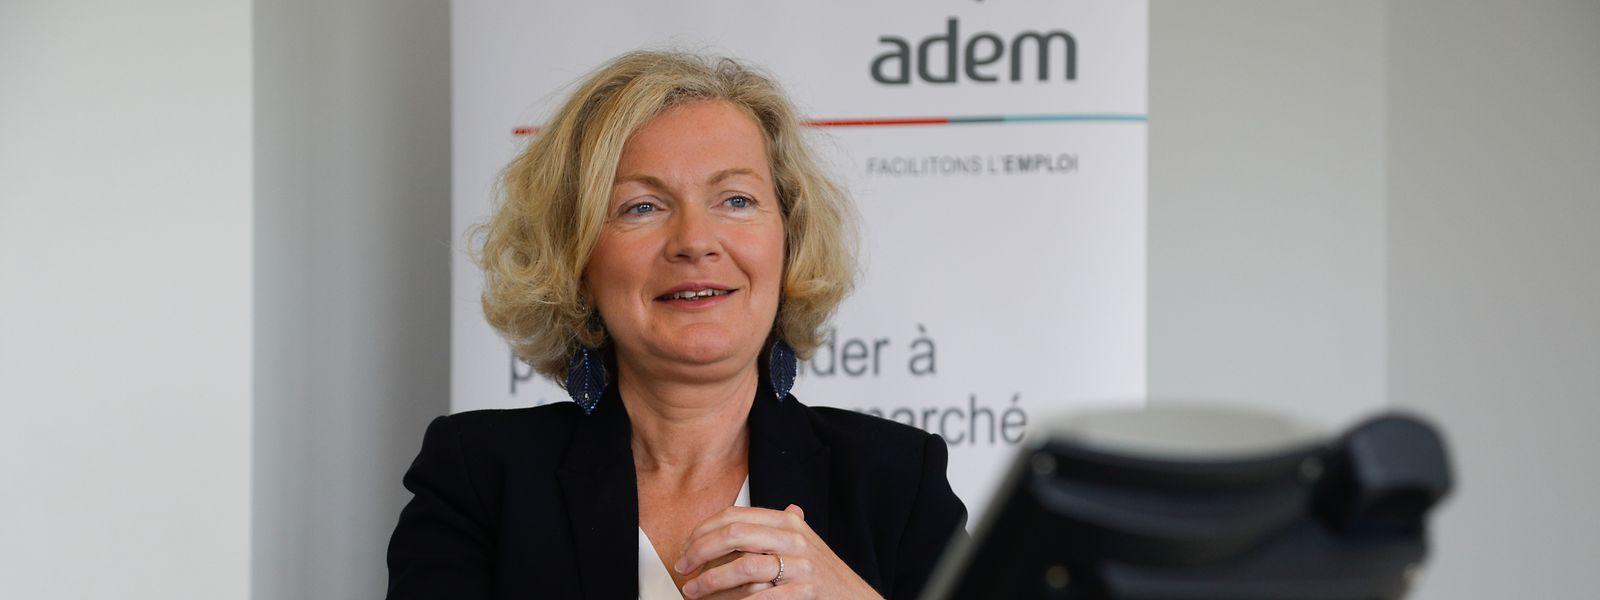 Pour Isabelle Schlesser, directrice de l'ADEM, rien ne dit que la plus grosse vague de demandeurs d'emploi est passée...